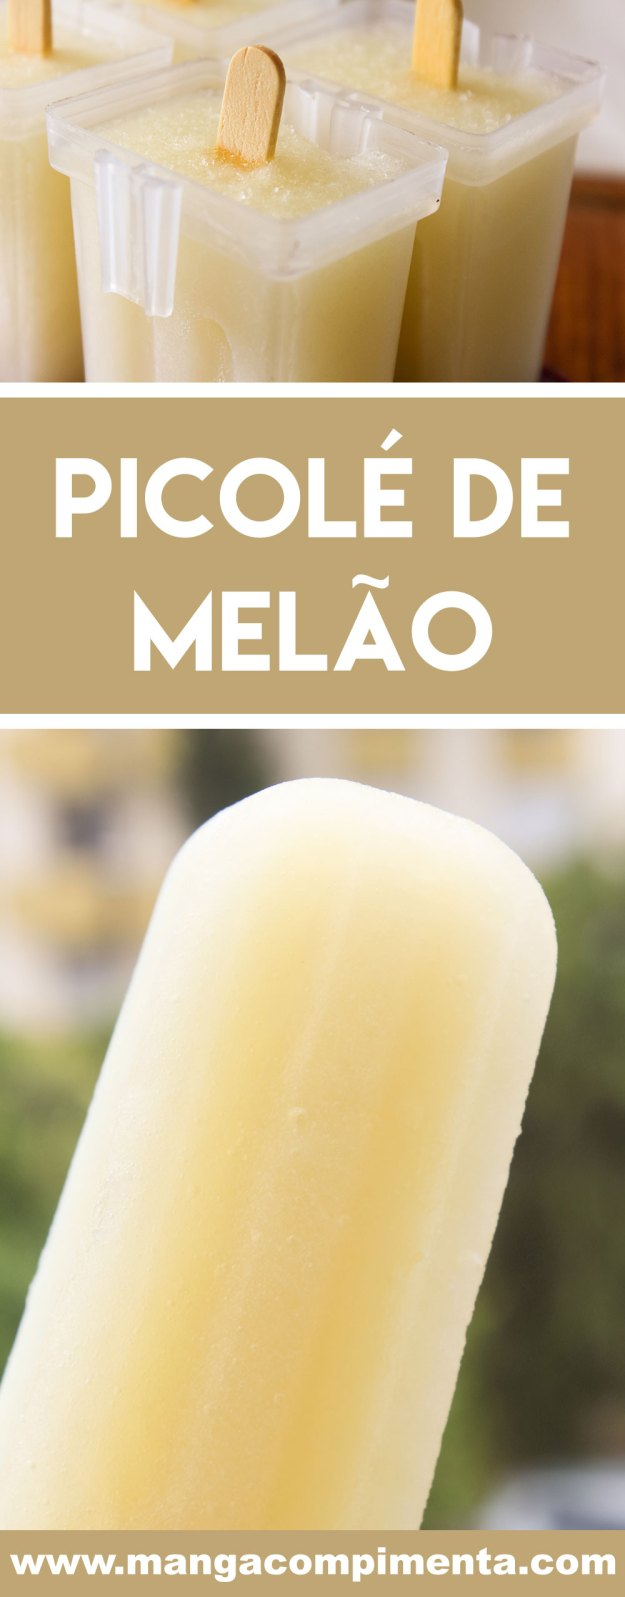 Receita de Picolé de Melão - prepare um sorvete caseiro e saudável neste verão.